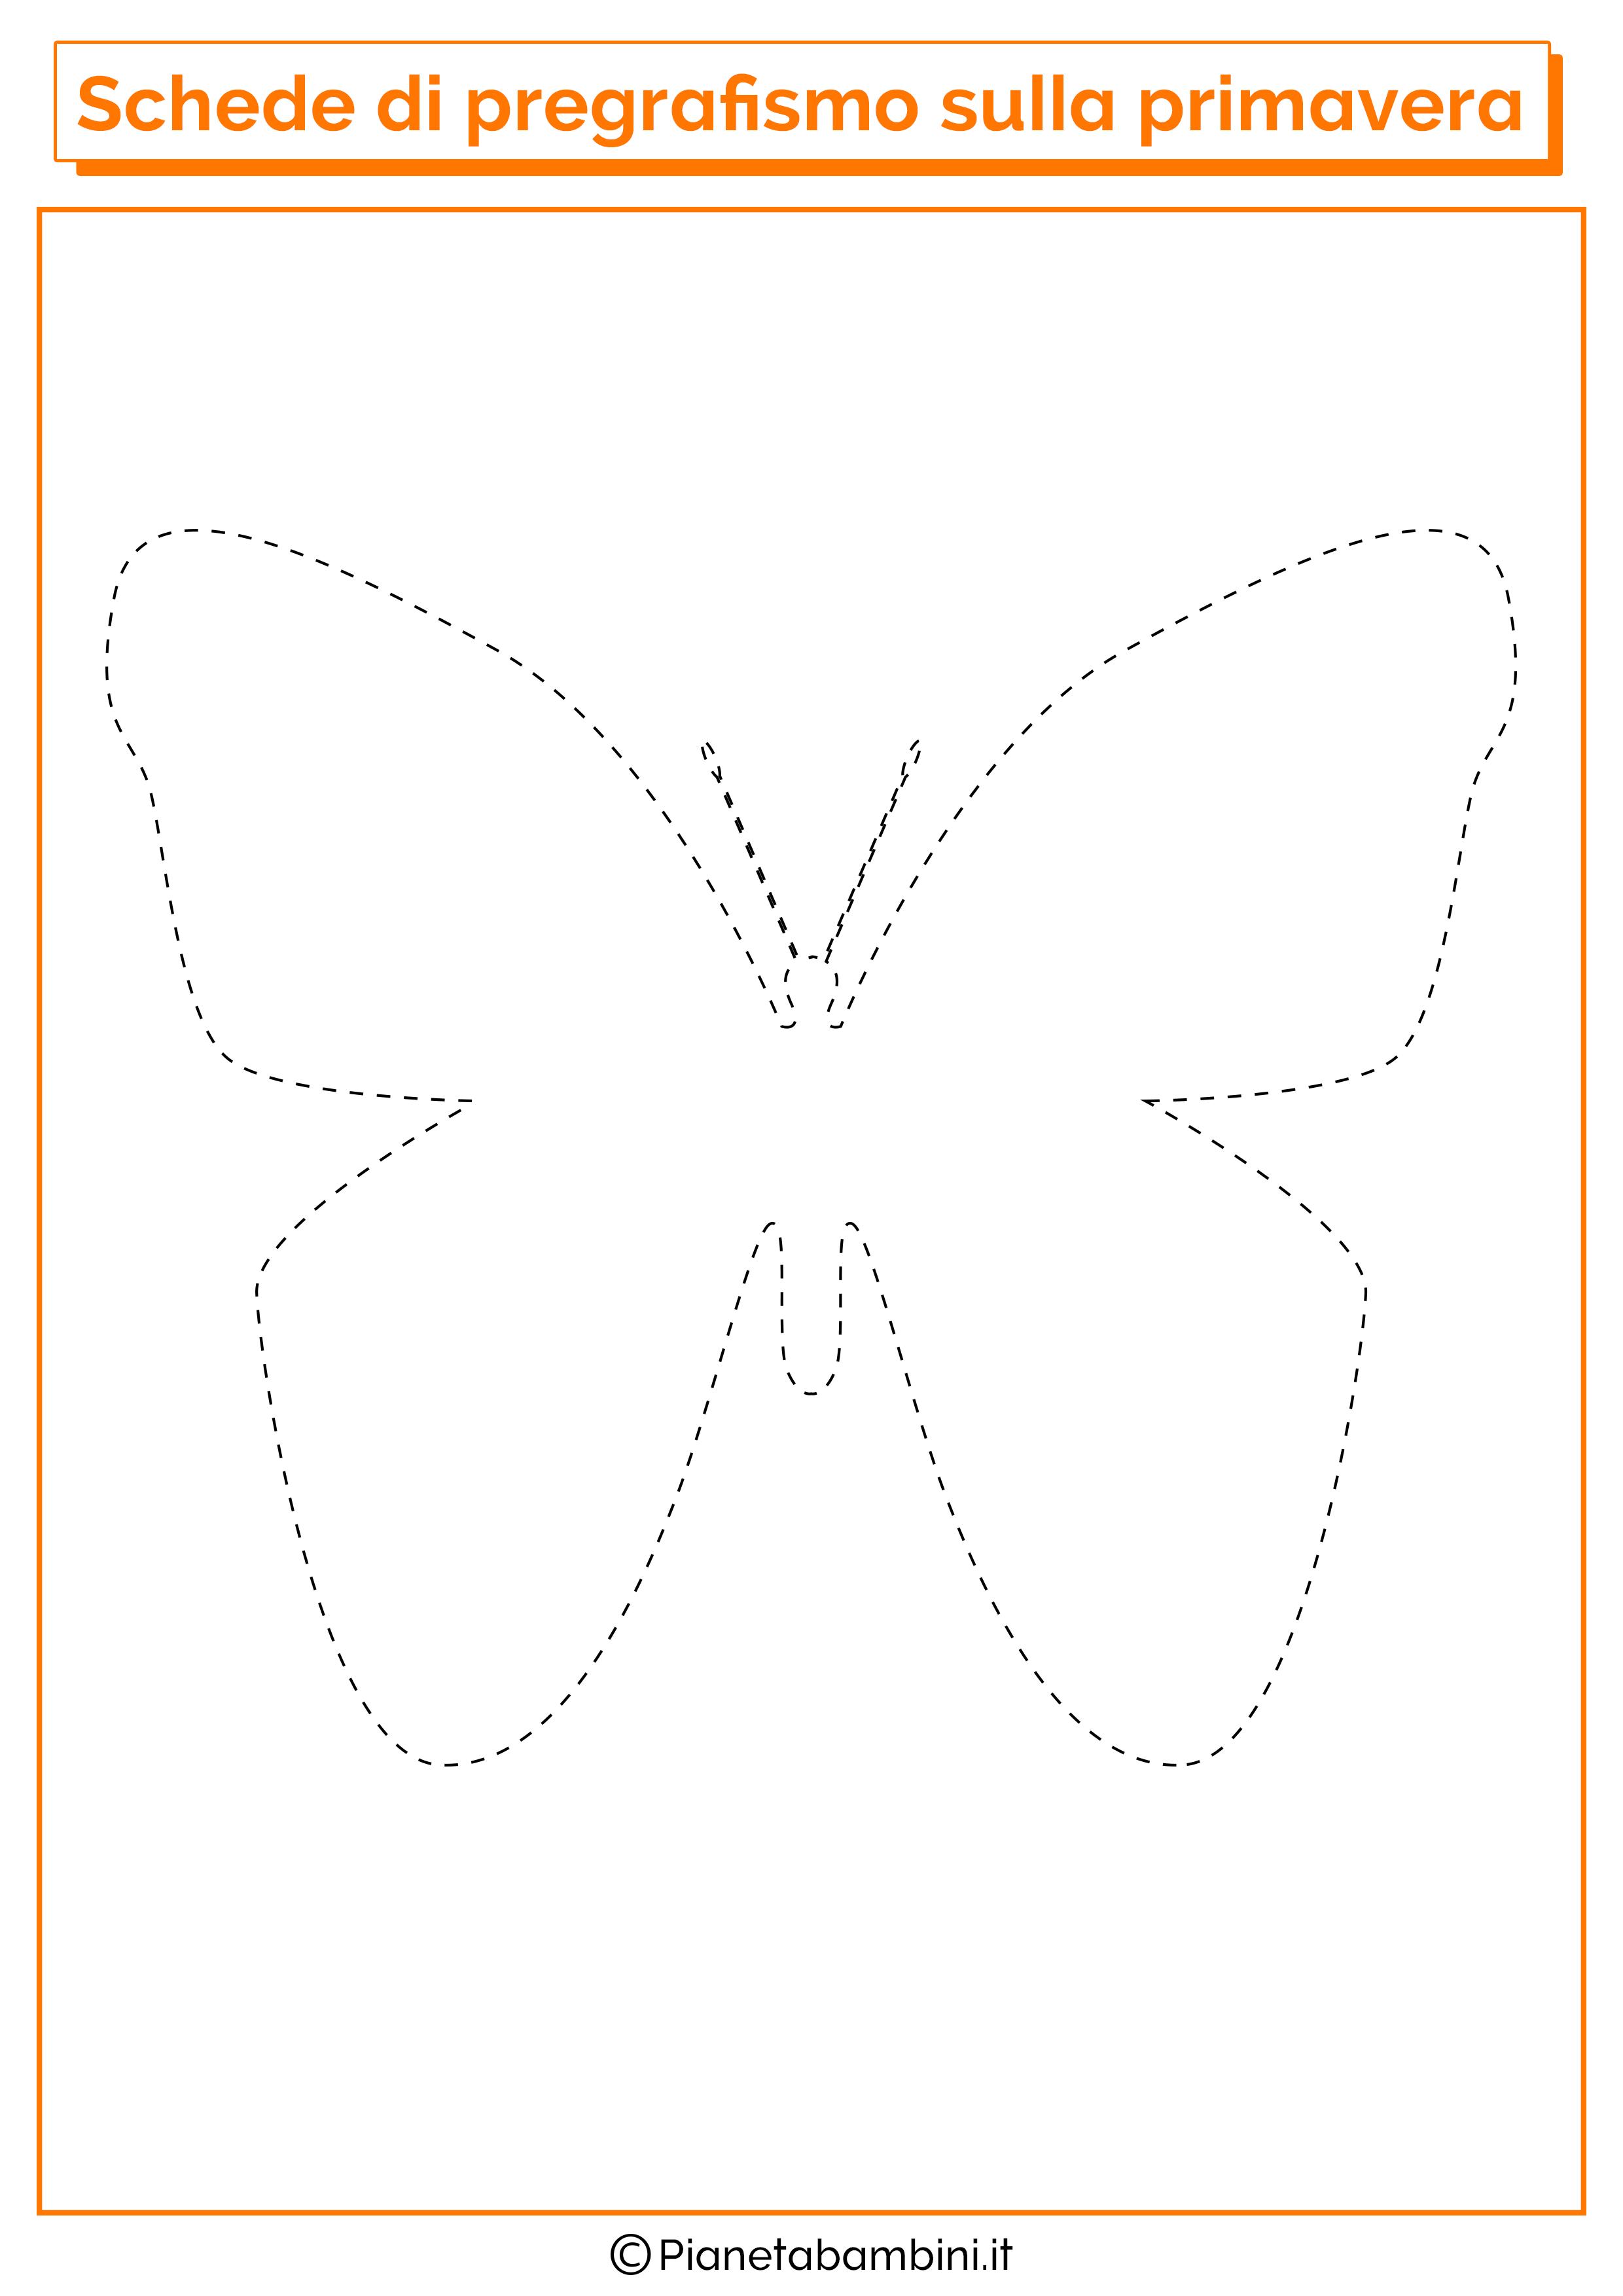 Pregrafismo-Primavera-Farfalla